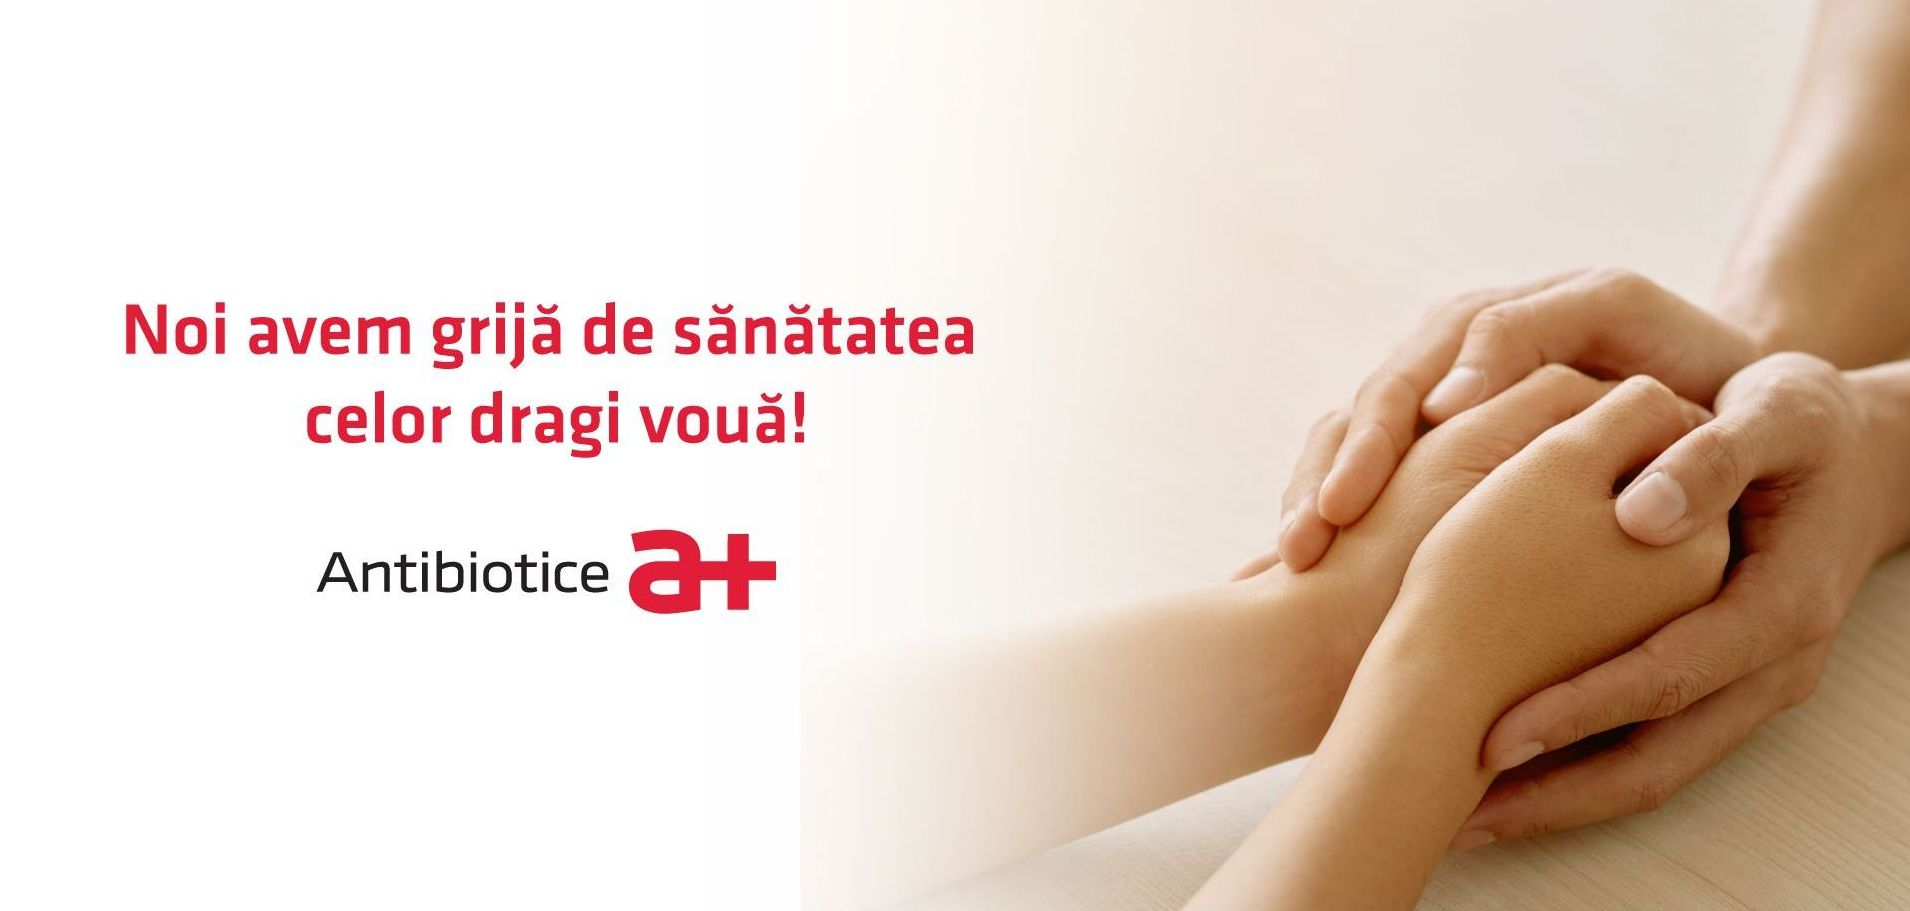 tratamentul medicamentos pentru artrita de sold ameliorați inflamația articulară acest lucru